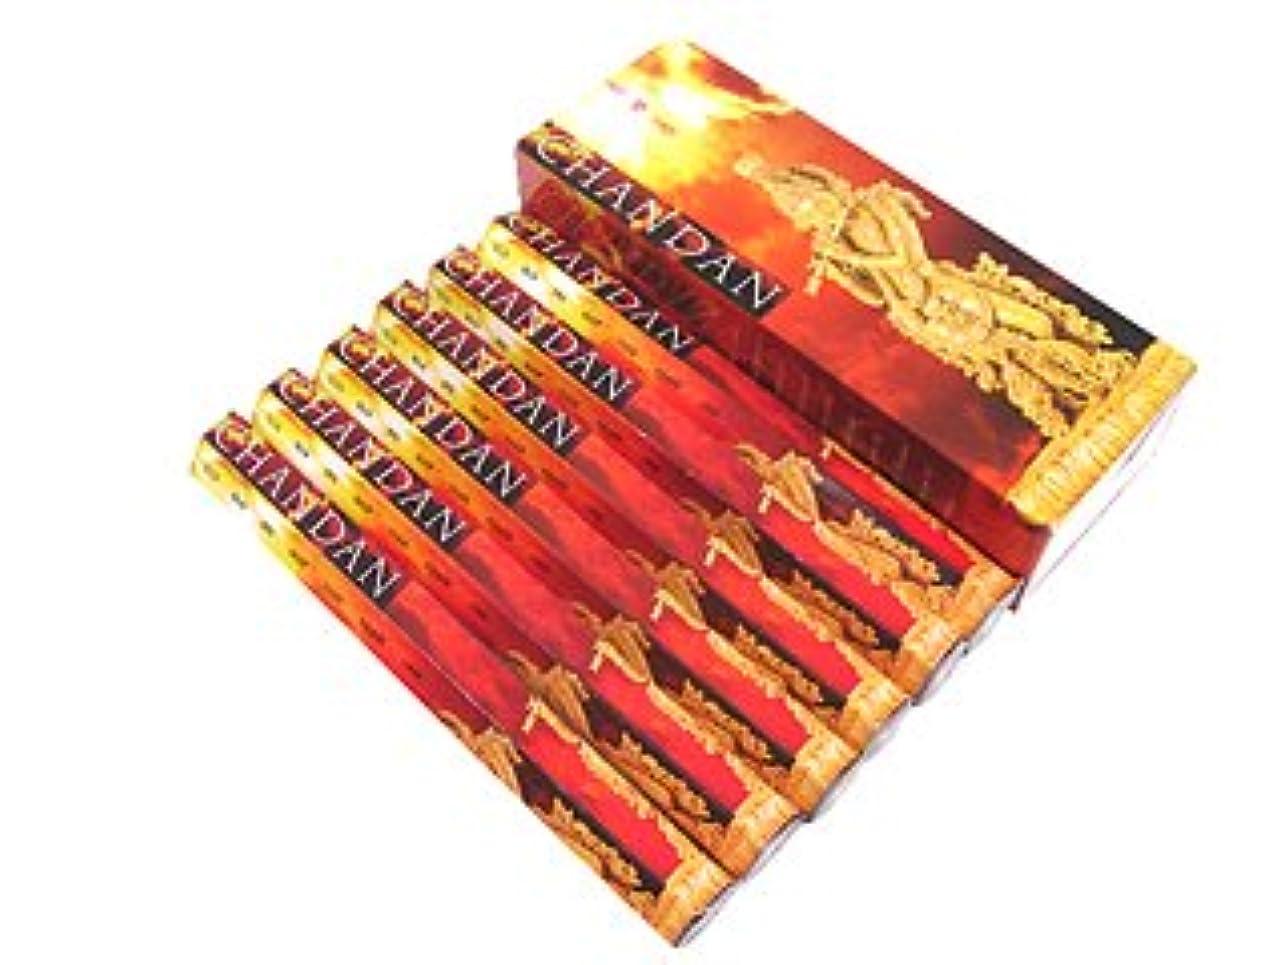 に勝る計画名声PADMINI(パドミニ) パドミニ チャンダン香 スティック CHANDAN 6箱セット